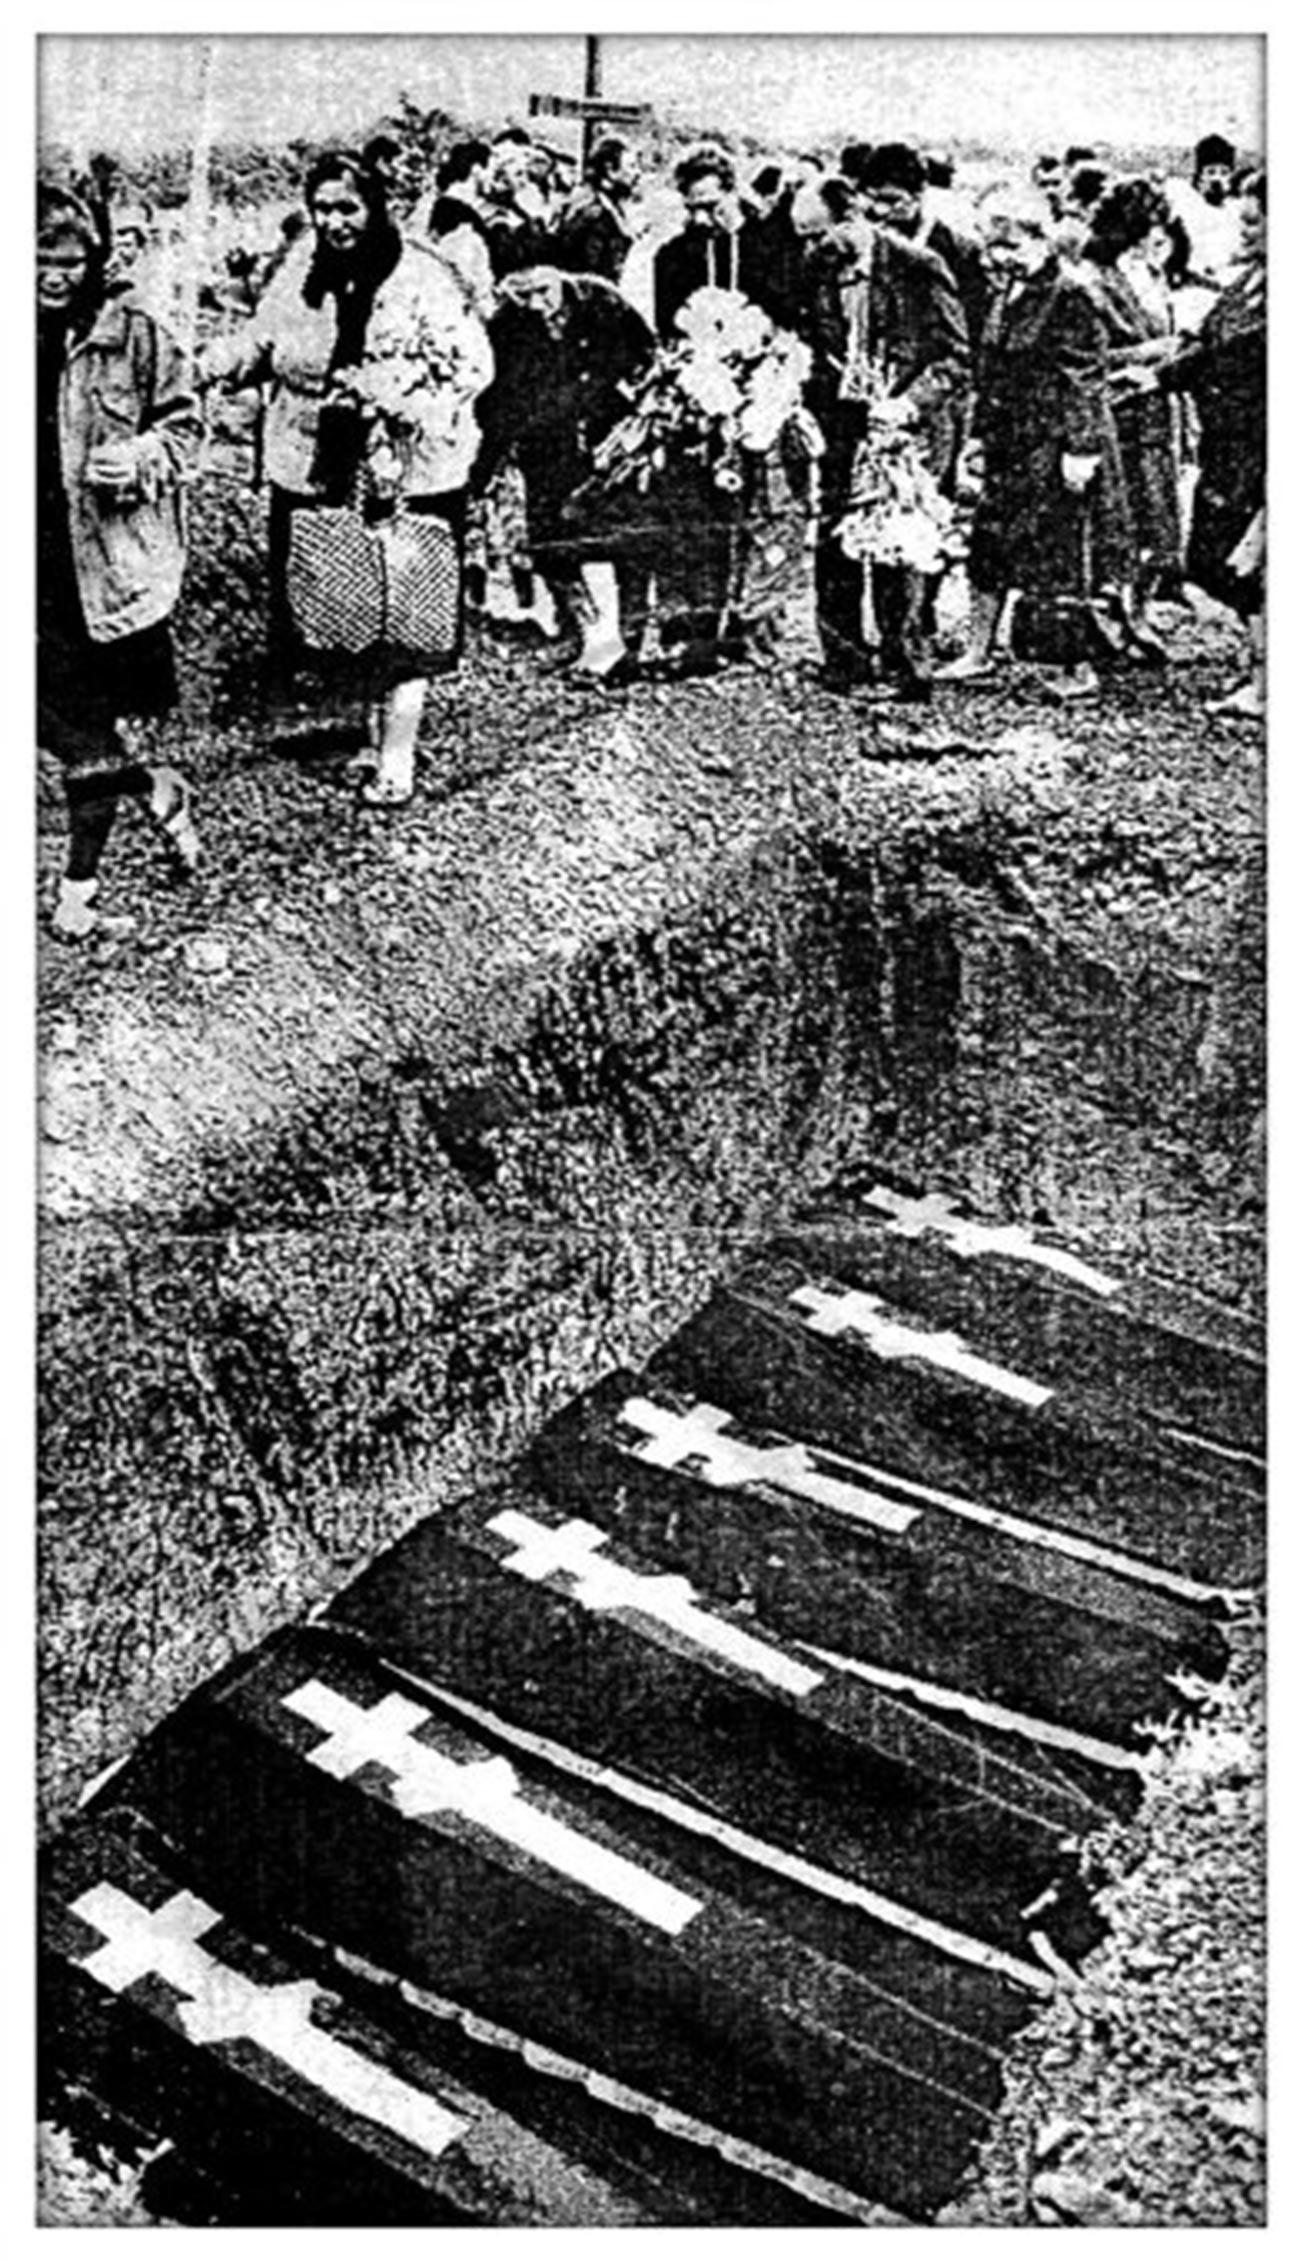 Поновна сахрана ексхумираних посмртних остатака жртава новочеркаске трагедије из 1962. године, Мишкинско гробље.